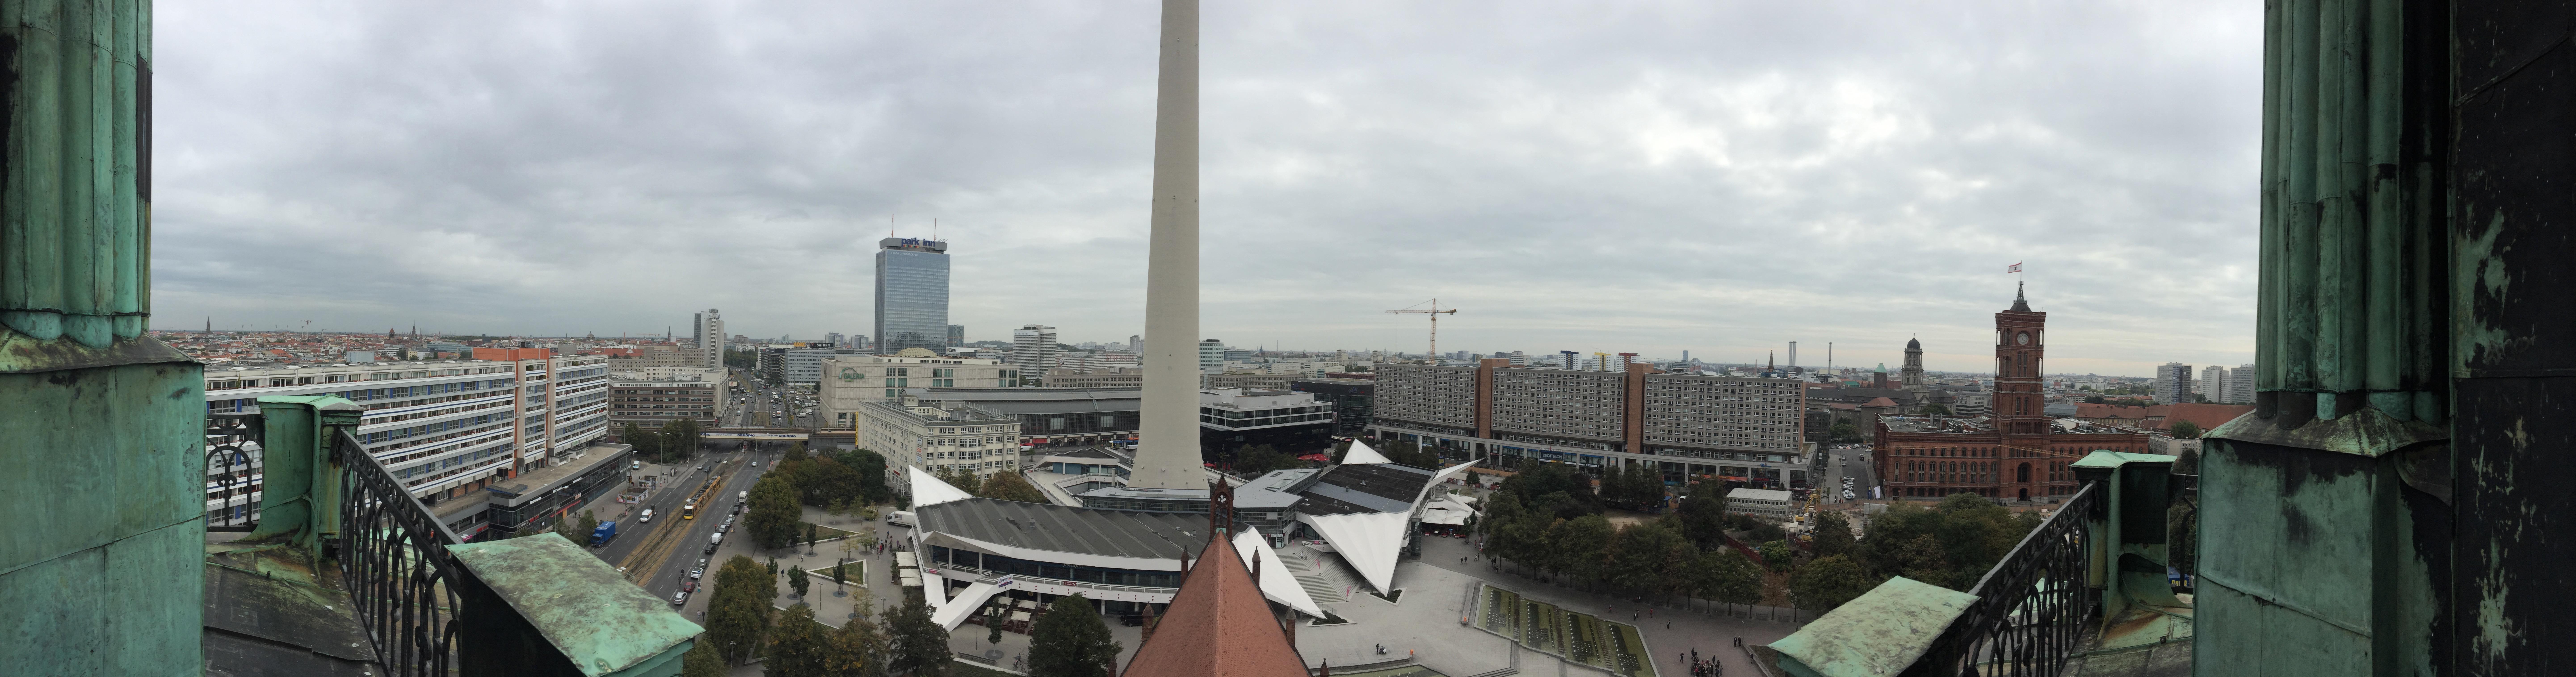 Panorama vom Turm der St. Marienkirche Berlin us Rtg. Norden